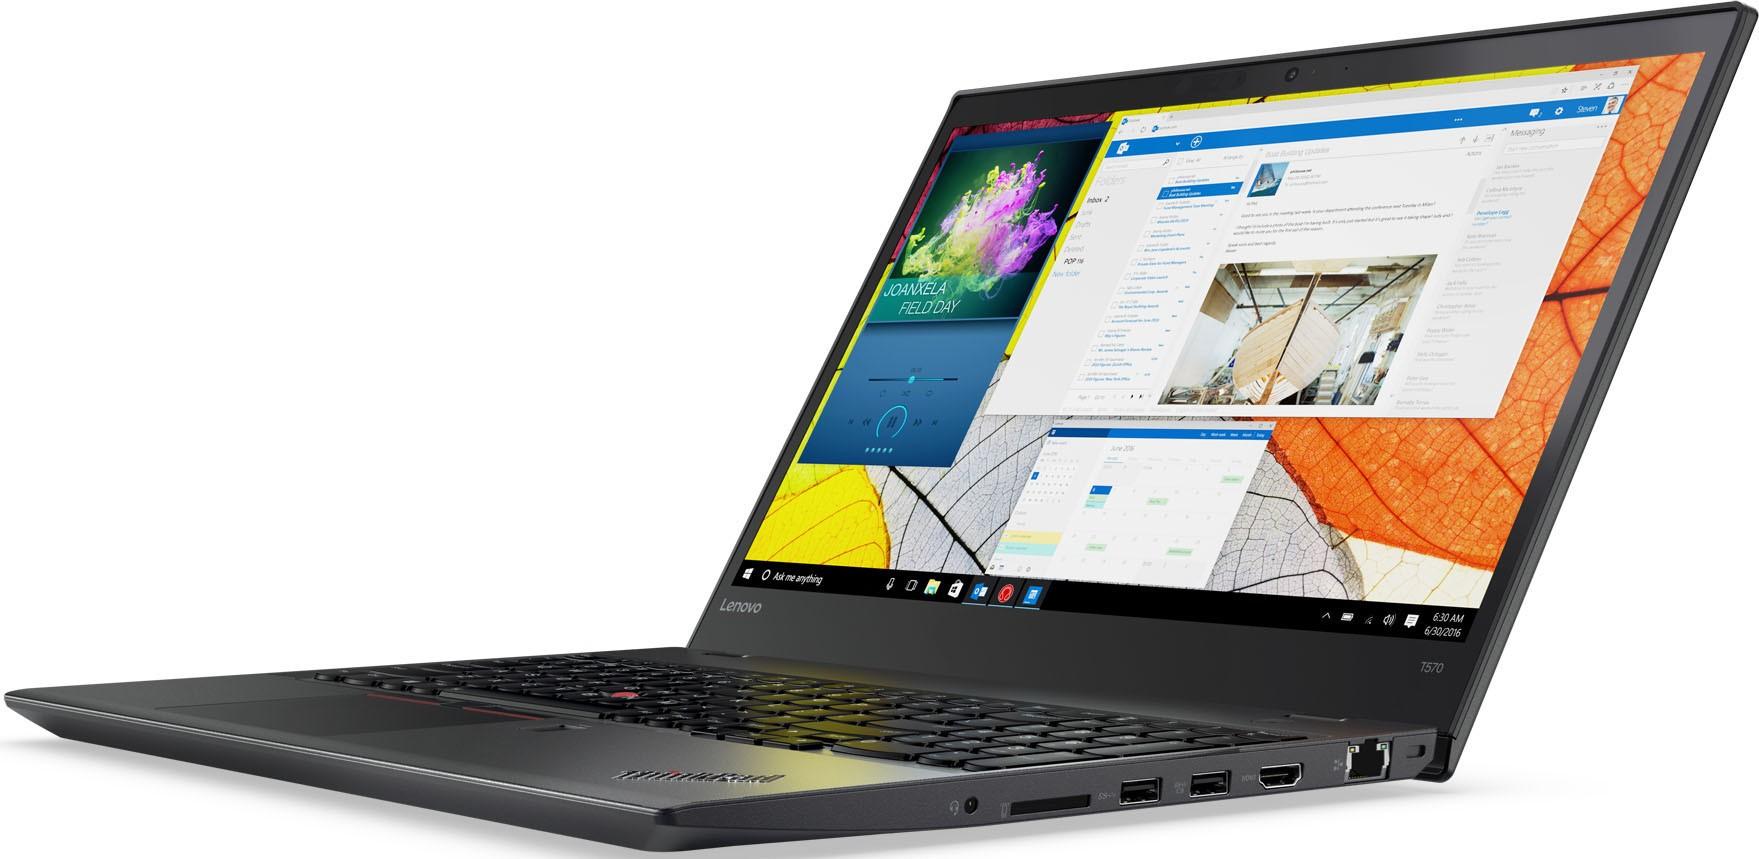 Lenovo'dan 9 Yeni Windows 10 Dizüstü PC!